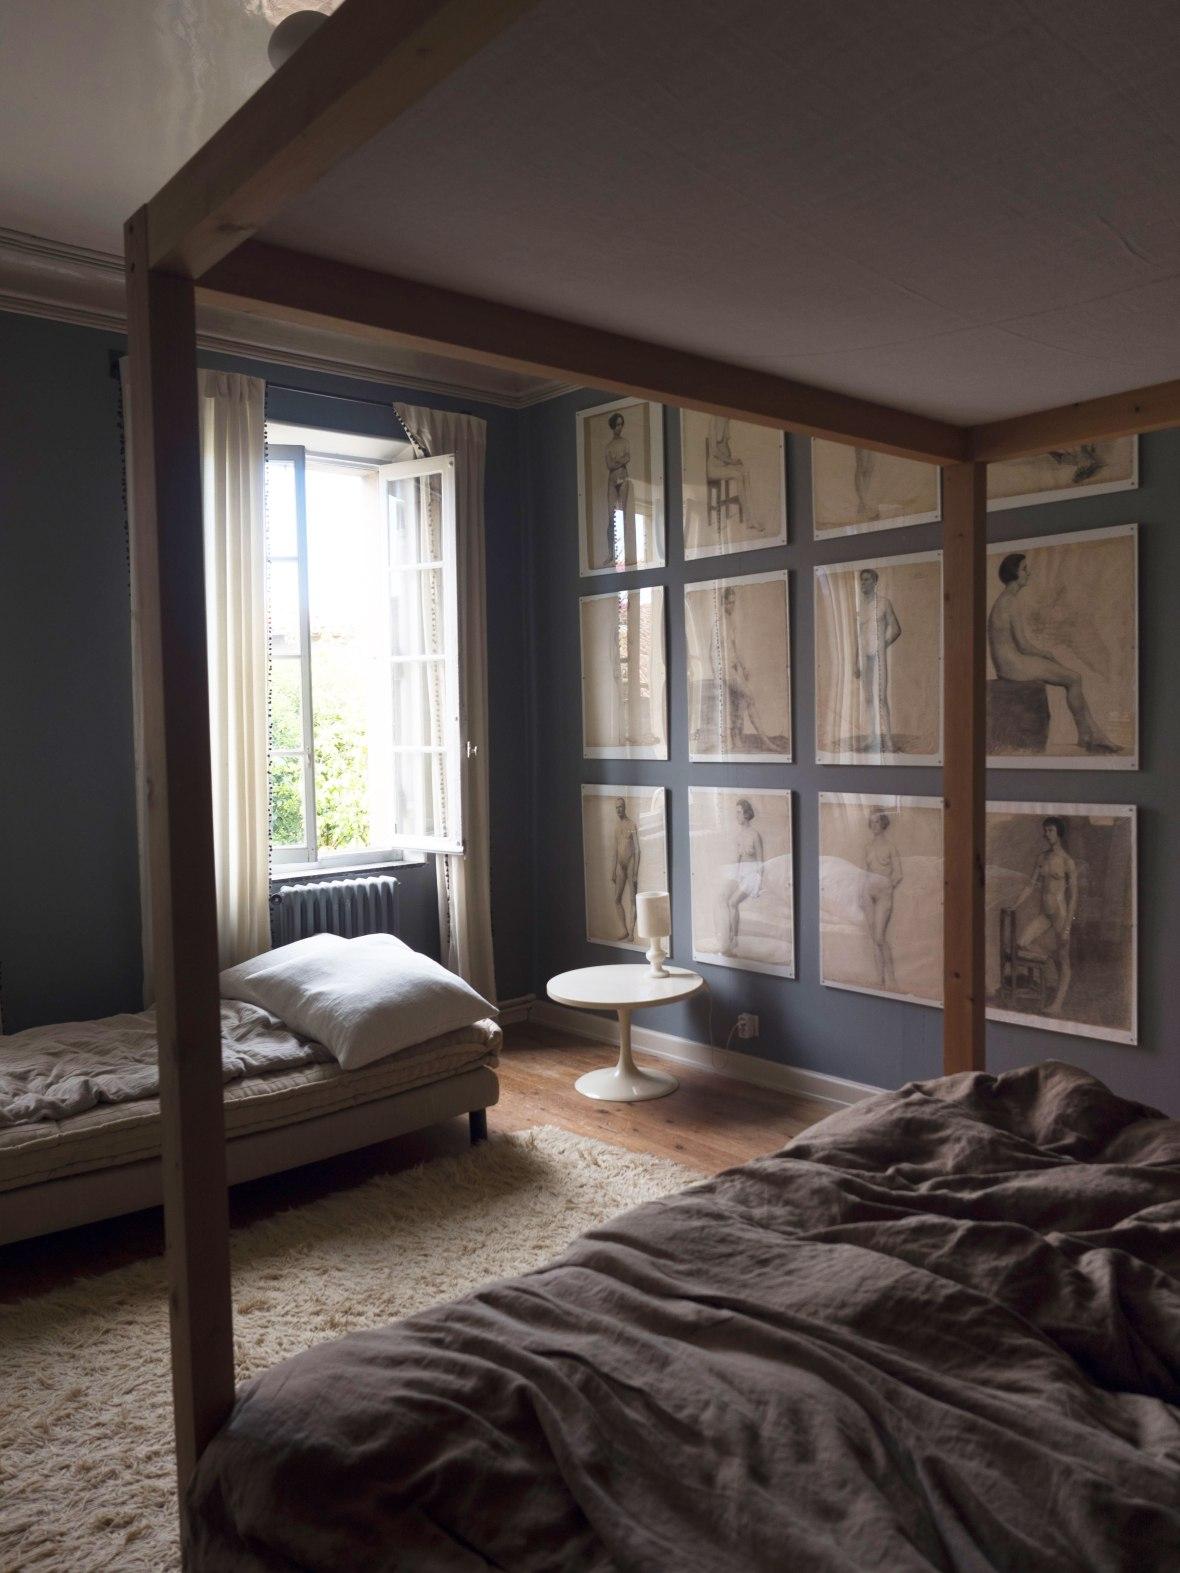 camellas-lloret-montreal-room-4-chambre-d-hotes.jpg